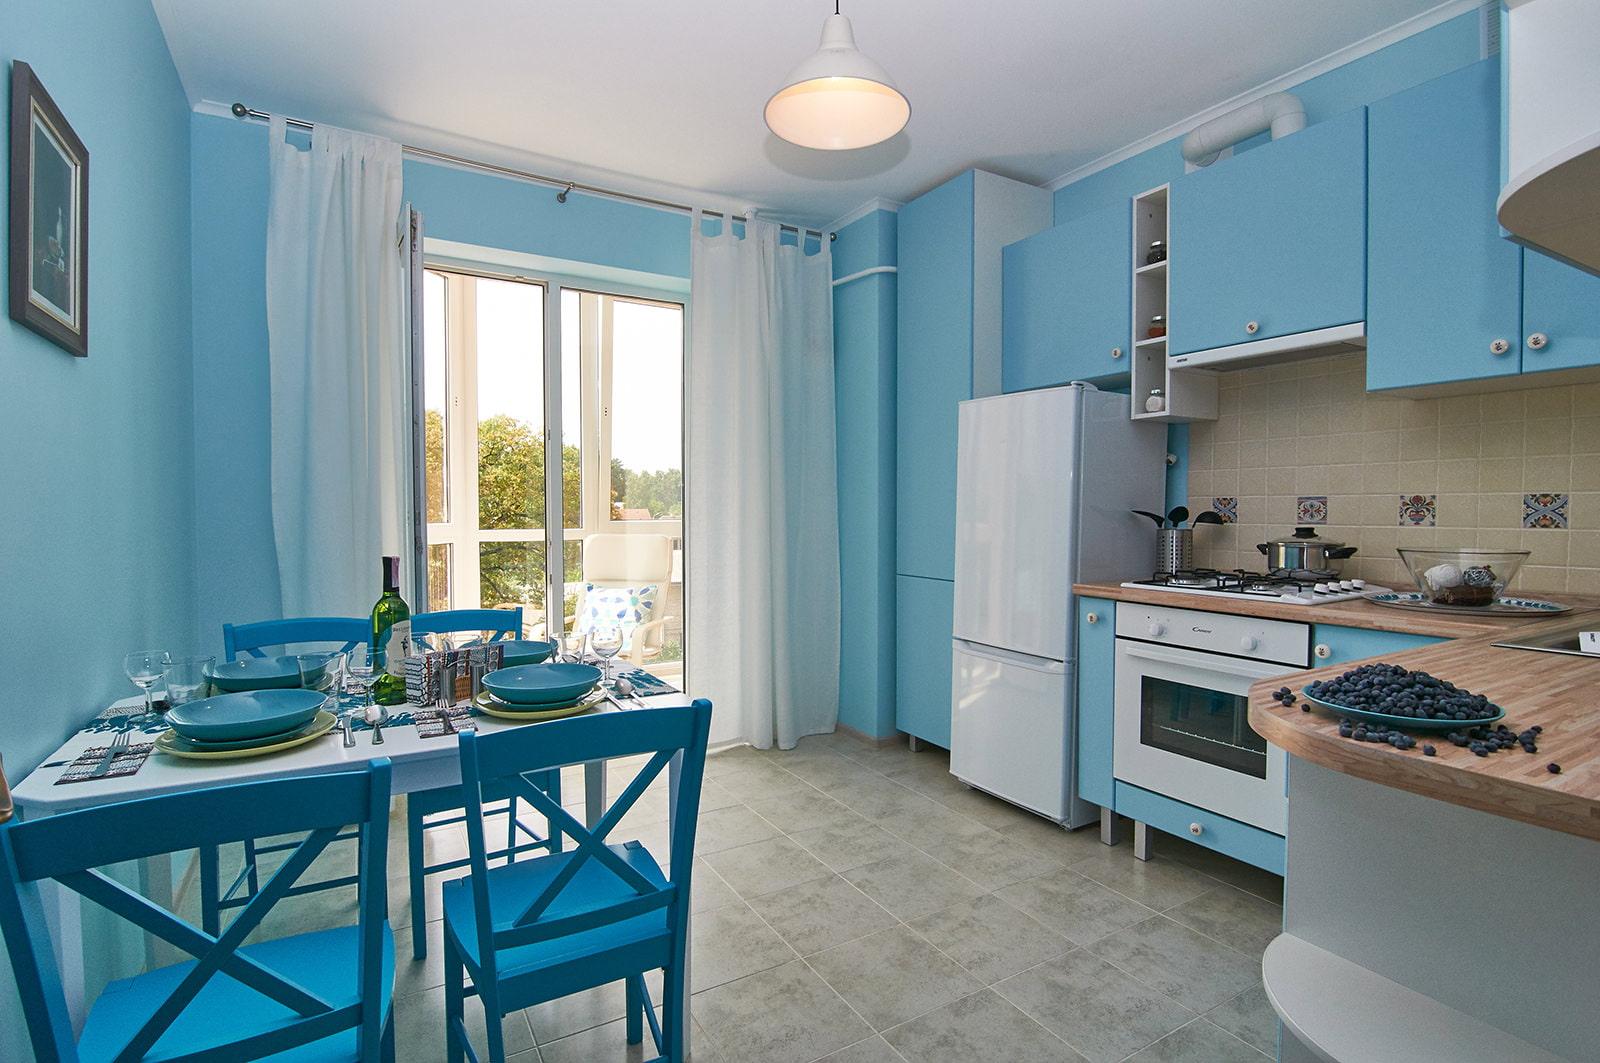 Дизайн вытяжки в интерьере кухни 68 фото